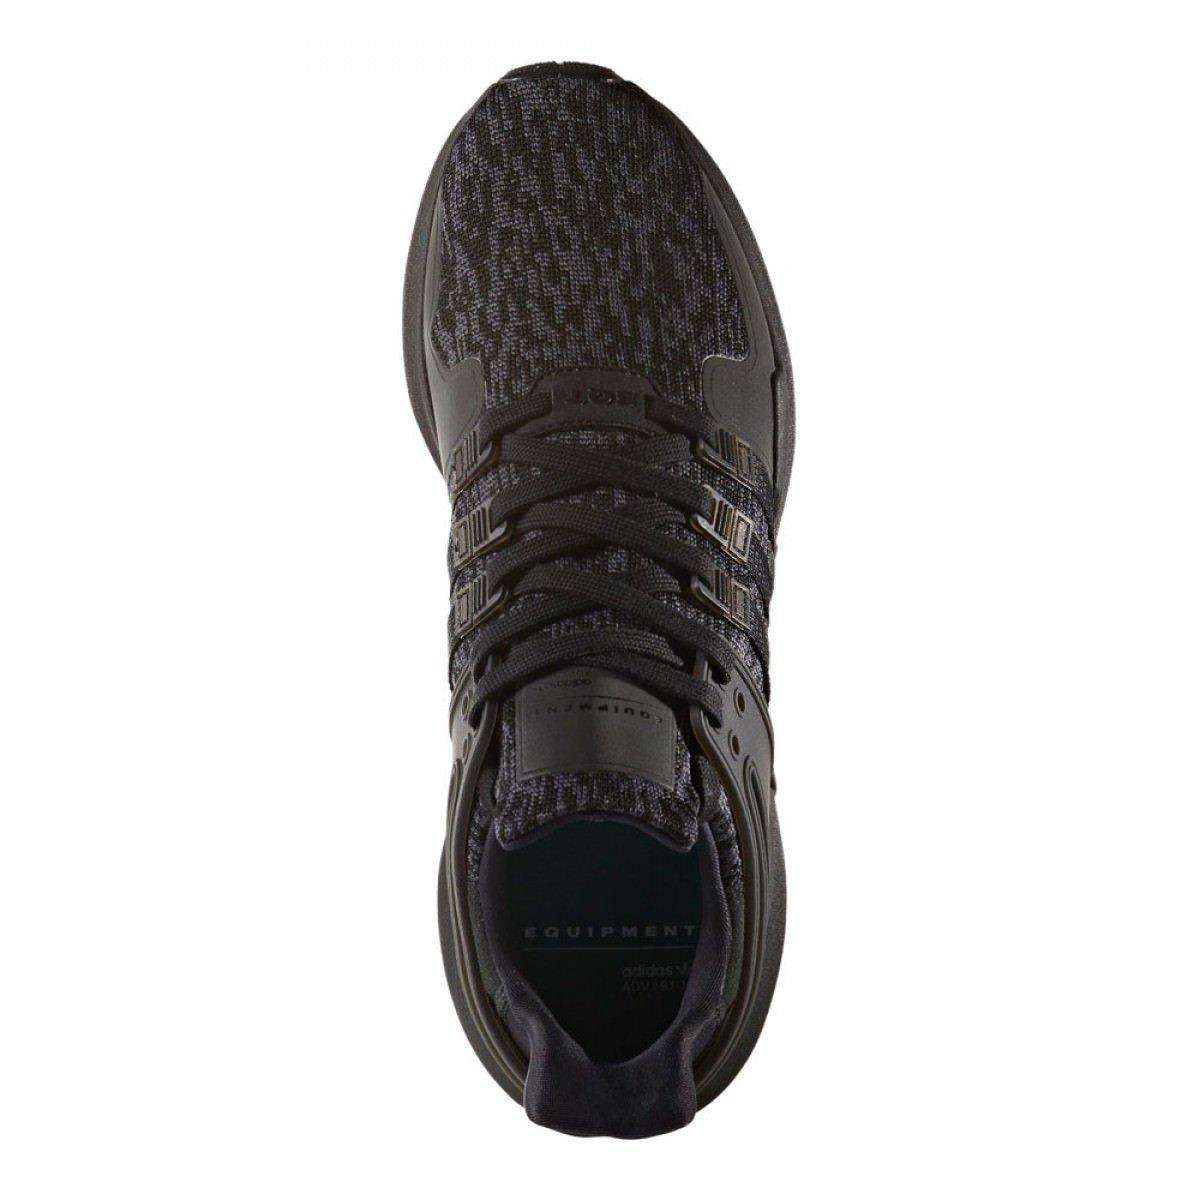 Adidas EQT Support EQT Support 9118 BlackBlackWhite